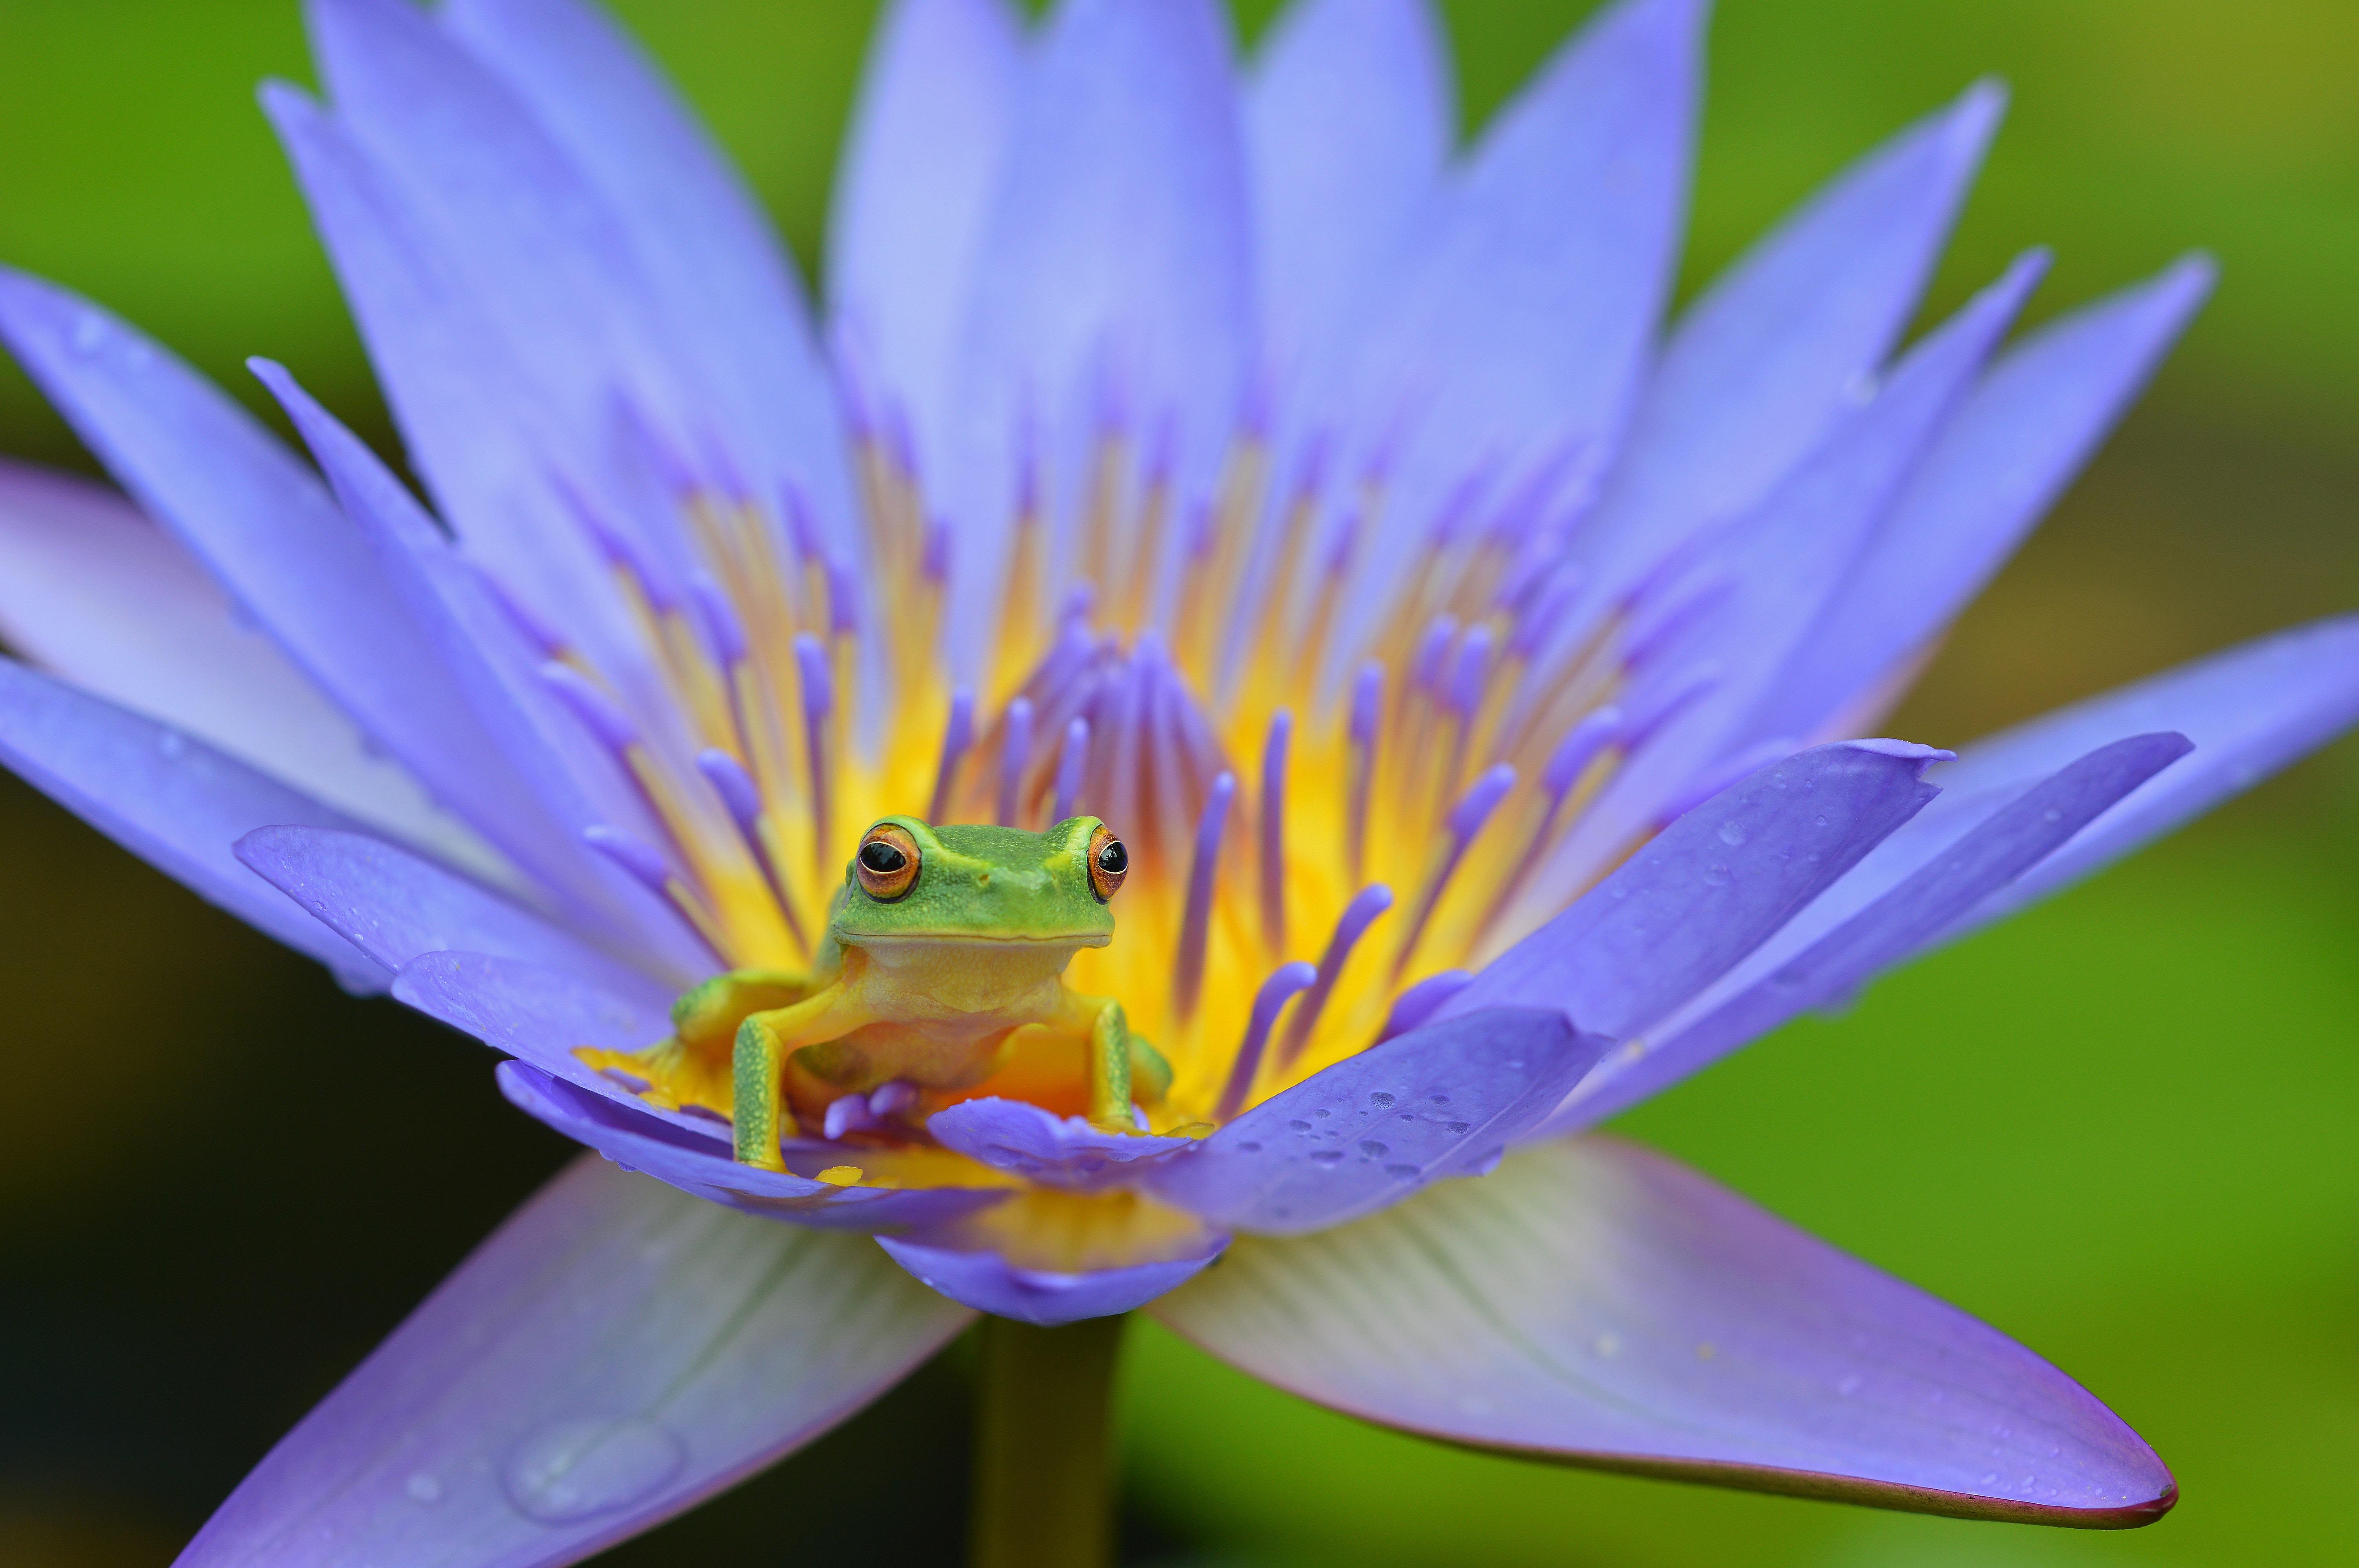 90616 Hintergrundbild herunterladen Tiere, Lotus, Frosch, Amphibie, Amphibien - Bildschirmschoner und Bilder kostenlos